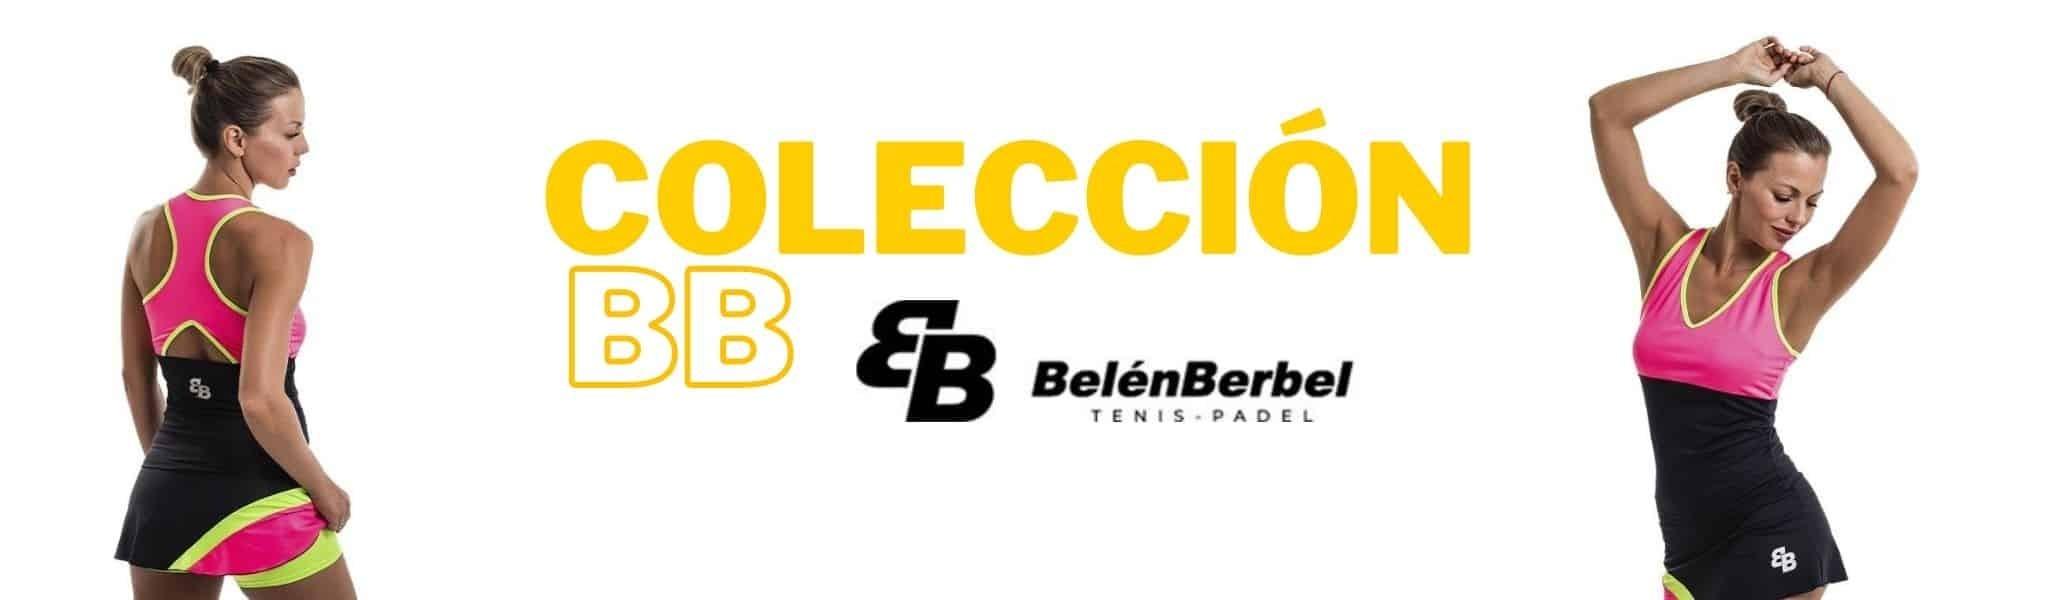 Colección ropa para mujer de la marca BB